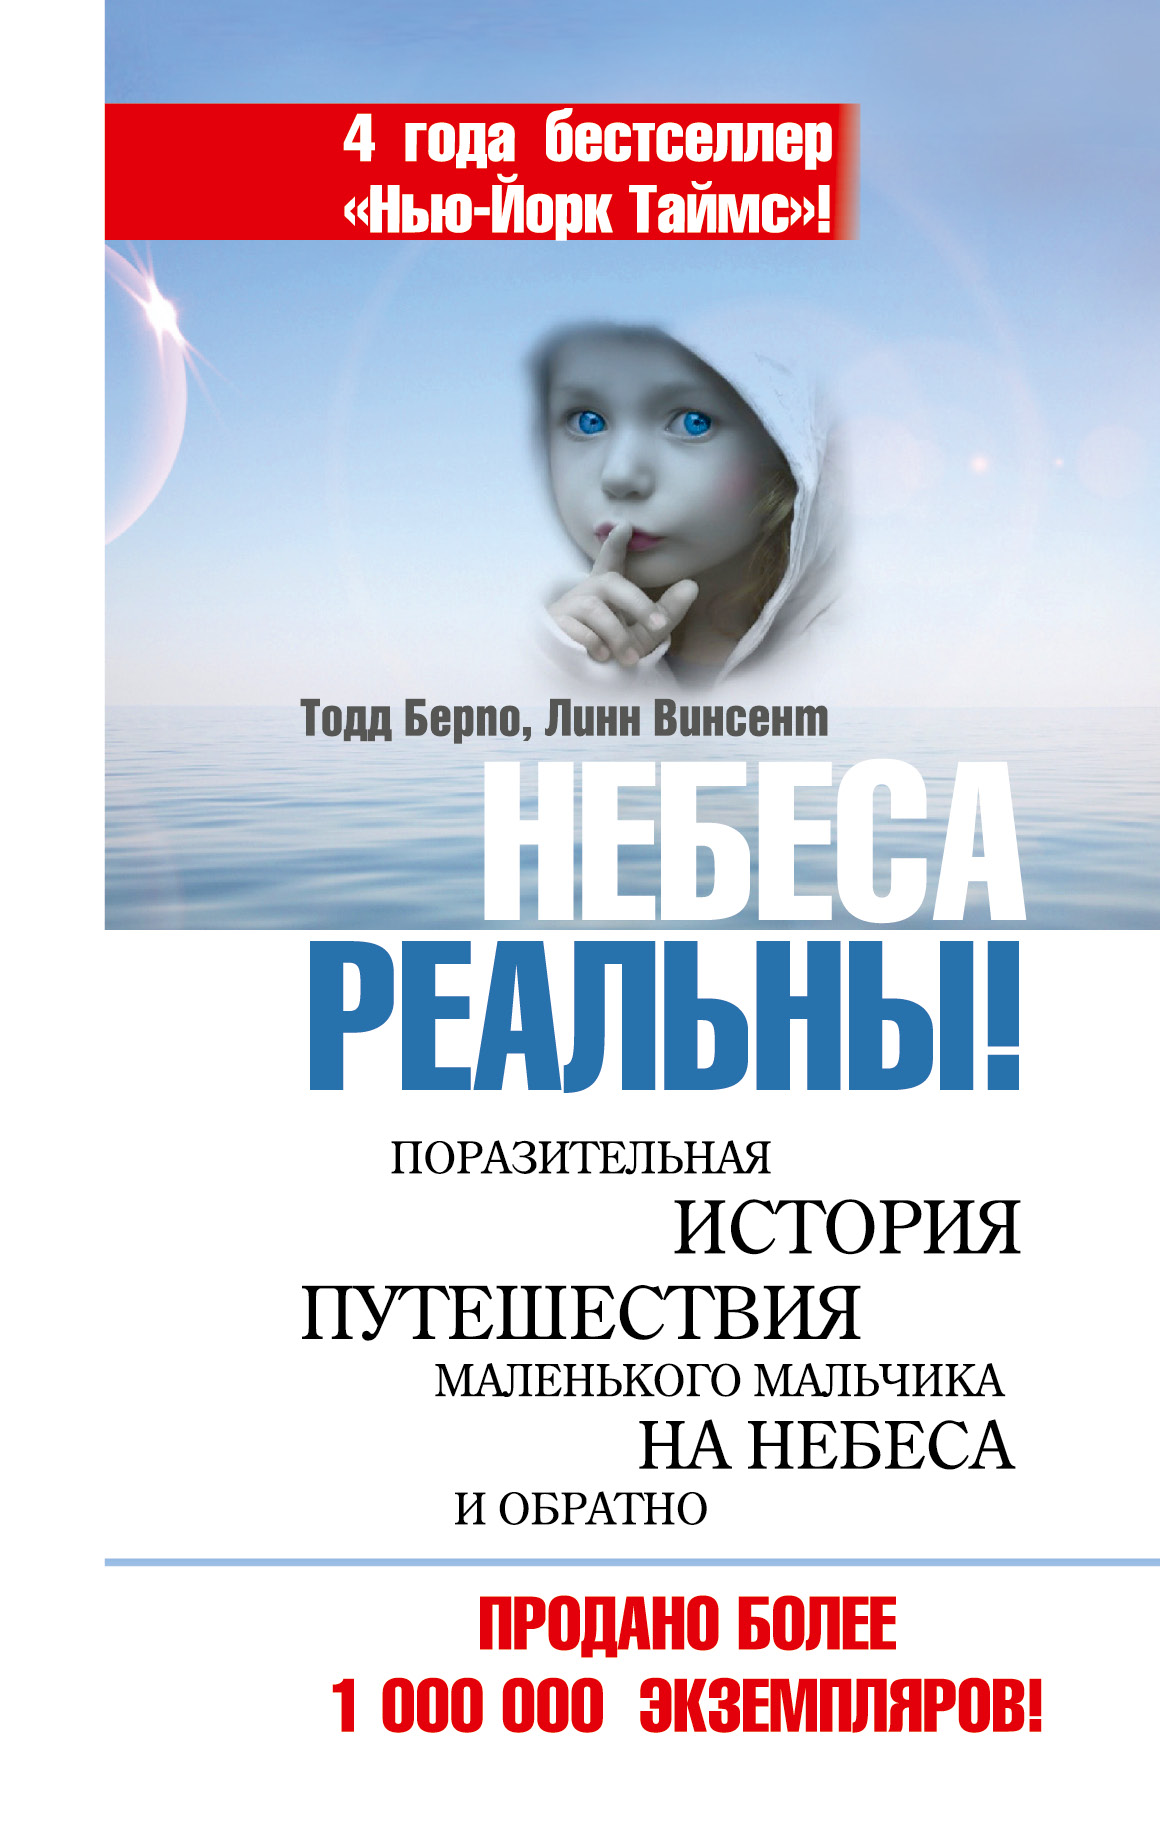 Небеса реальны! Поразительная история путешествия маленького мальчика на небеса и обратно ( Берпо Тодд  )